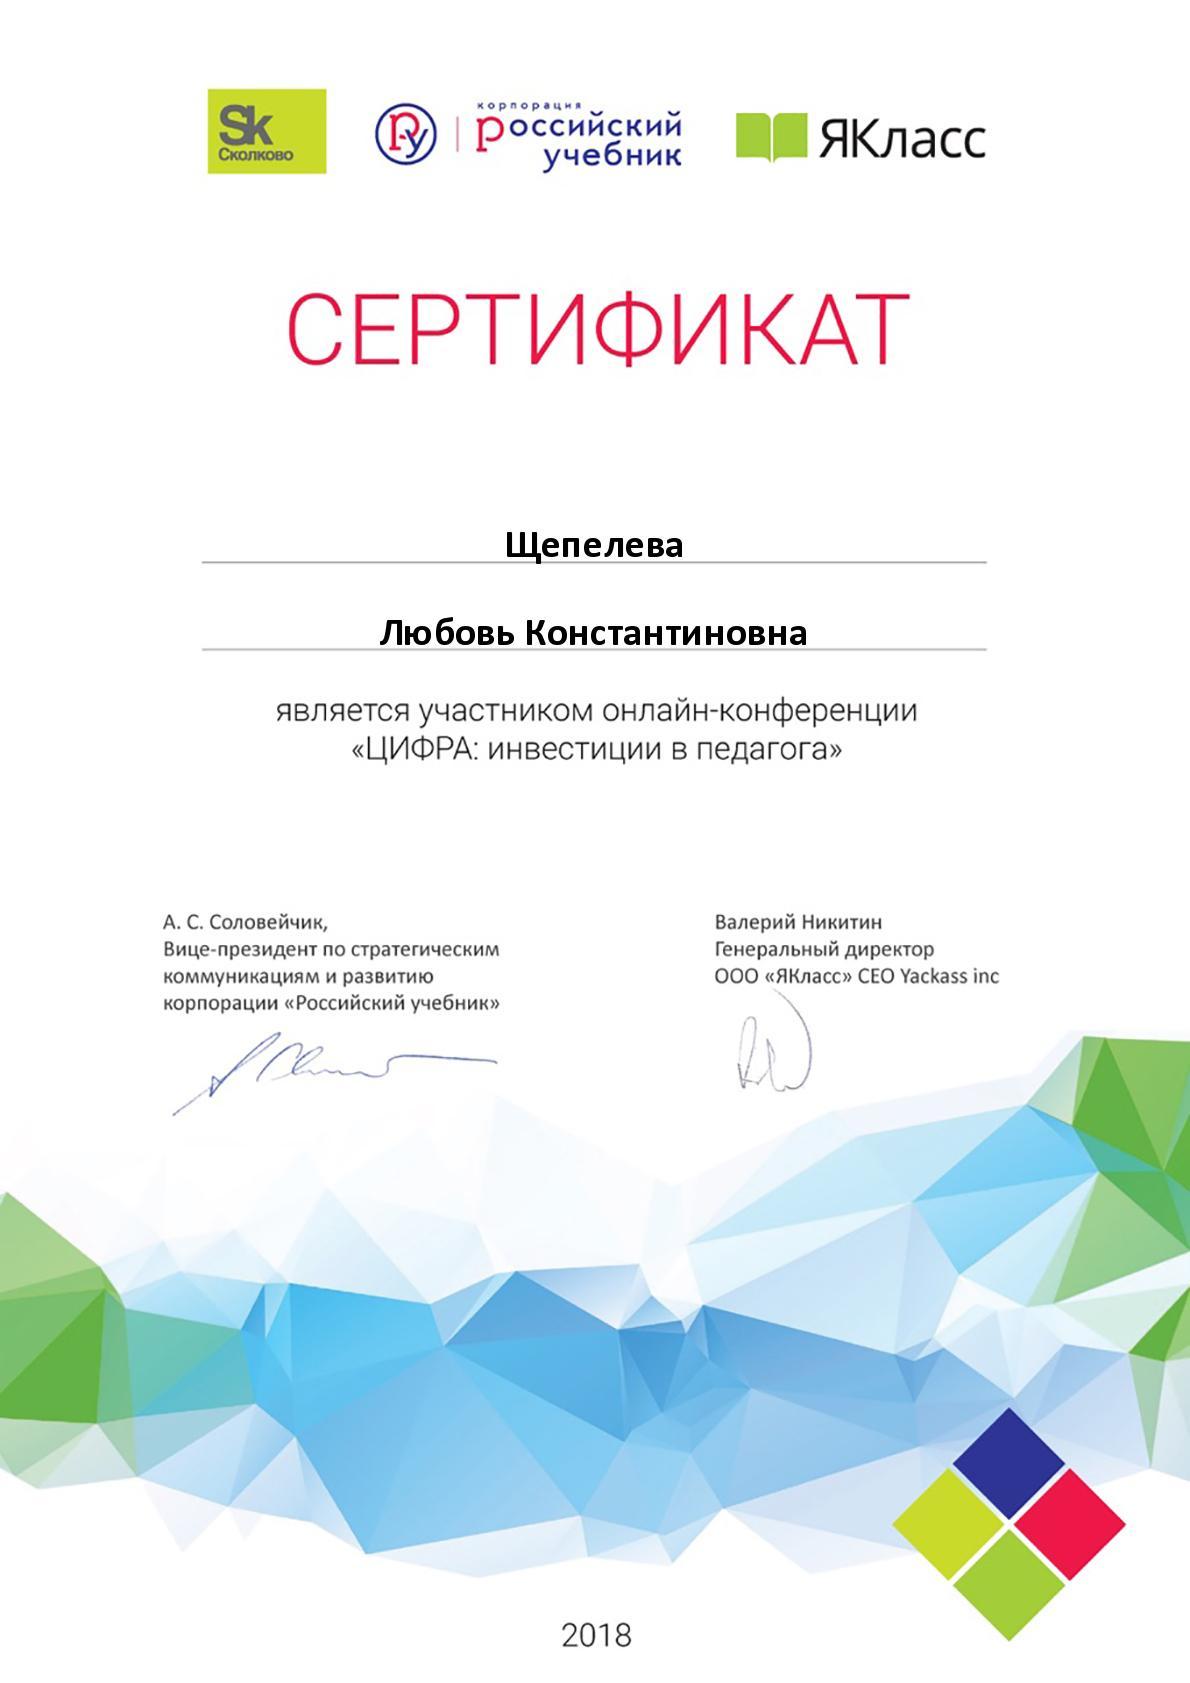 Certificate_4777877